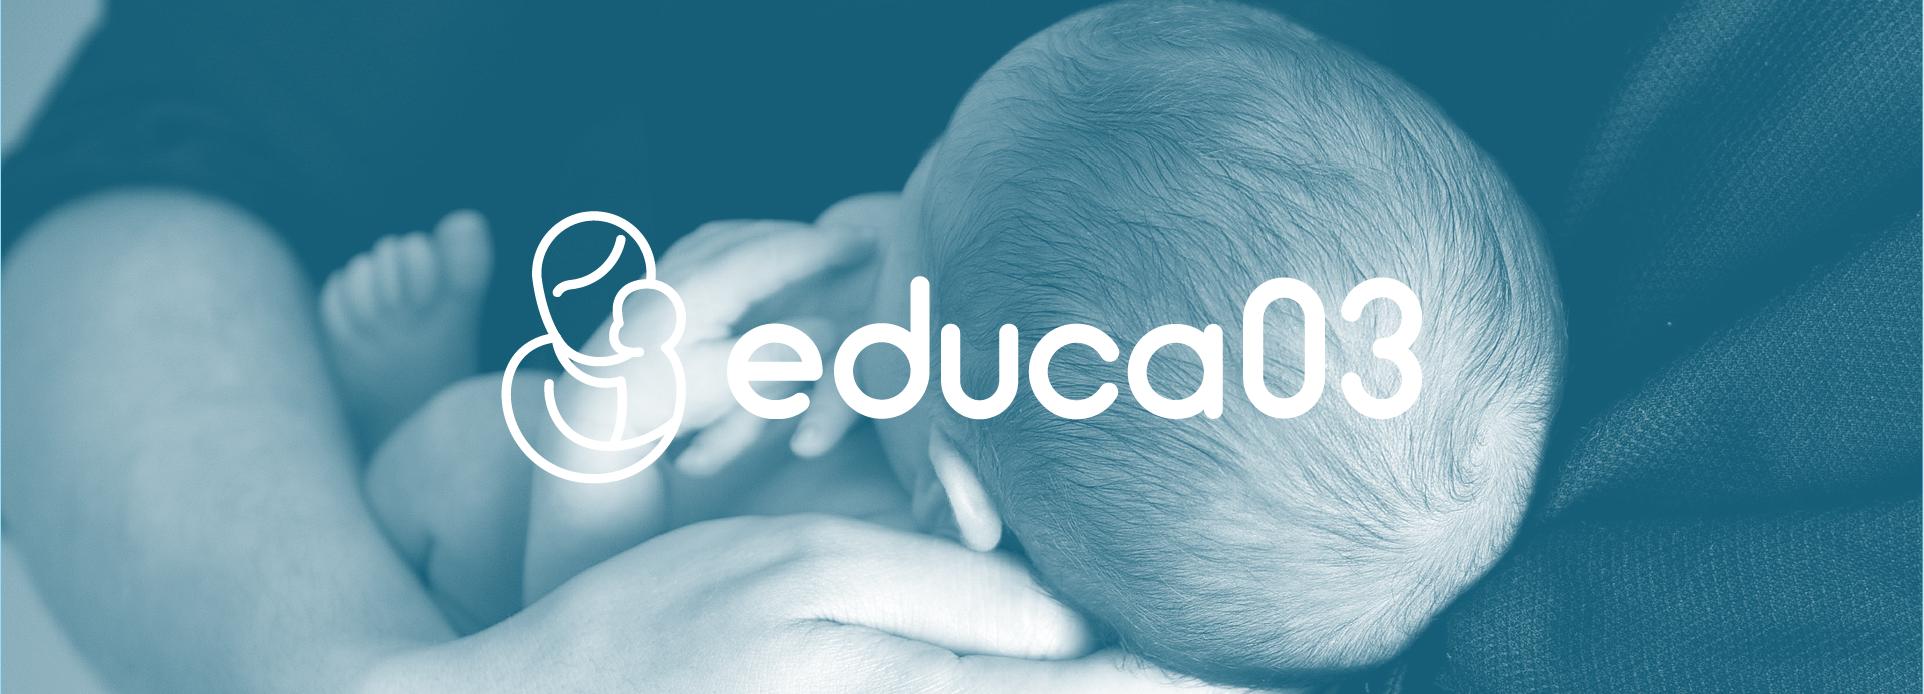 header-educa03